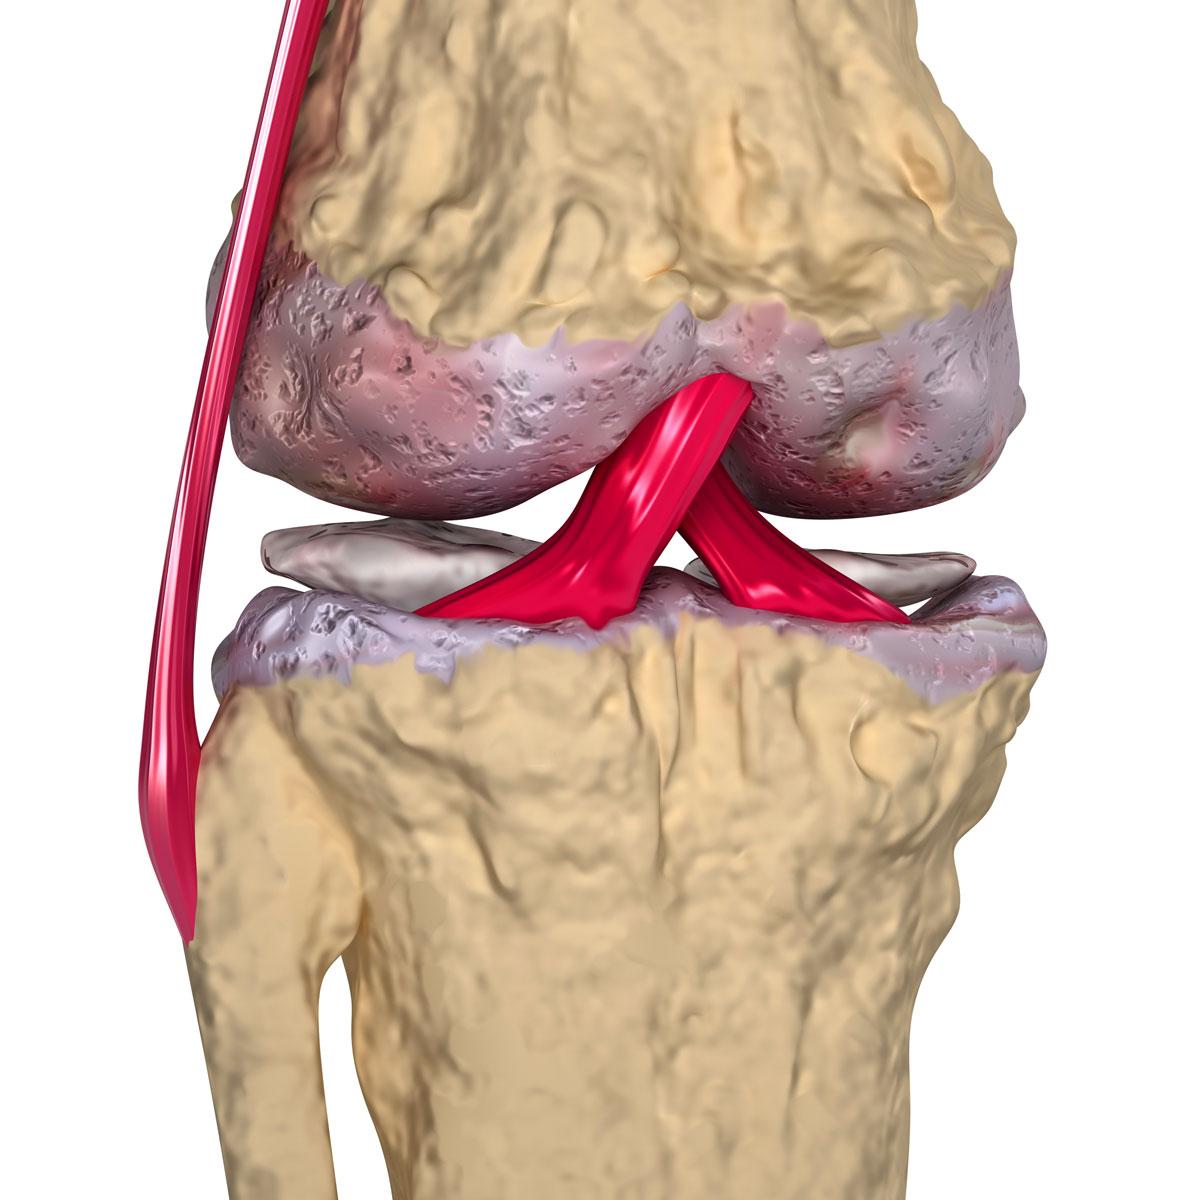 Чем лечить деформирующий артроз коленного сустава народными средствами шишка на тазобедренном суставе у собаки